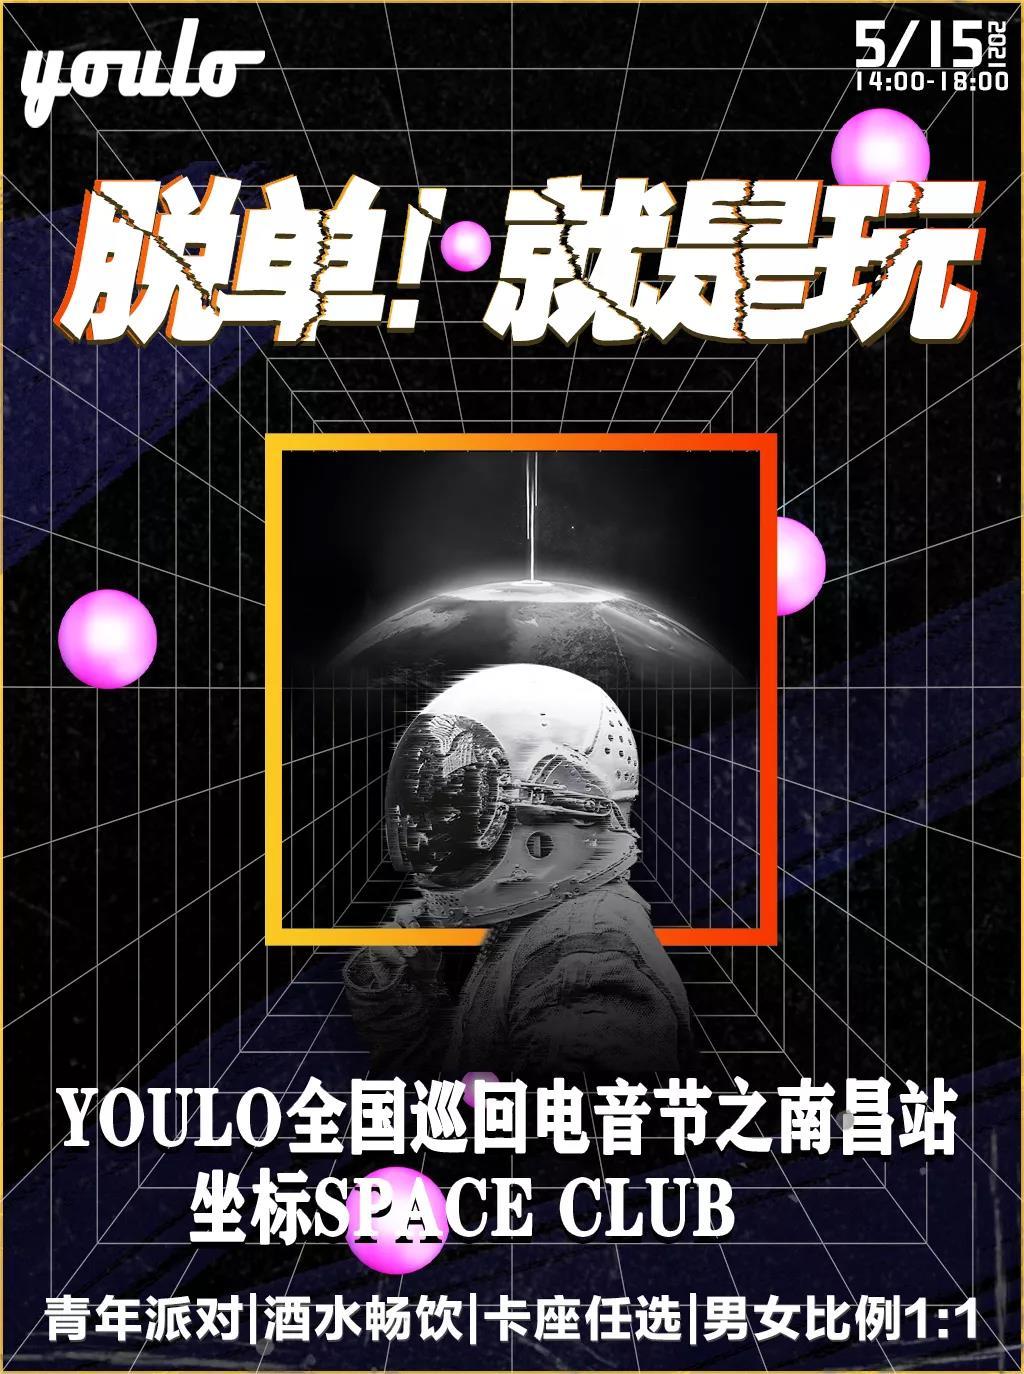 南昌YOULO电音节